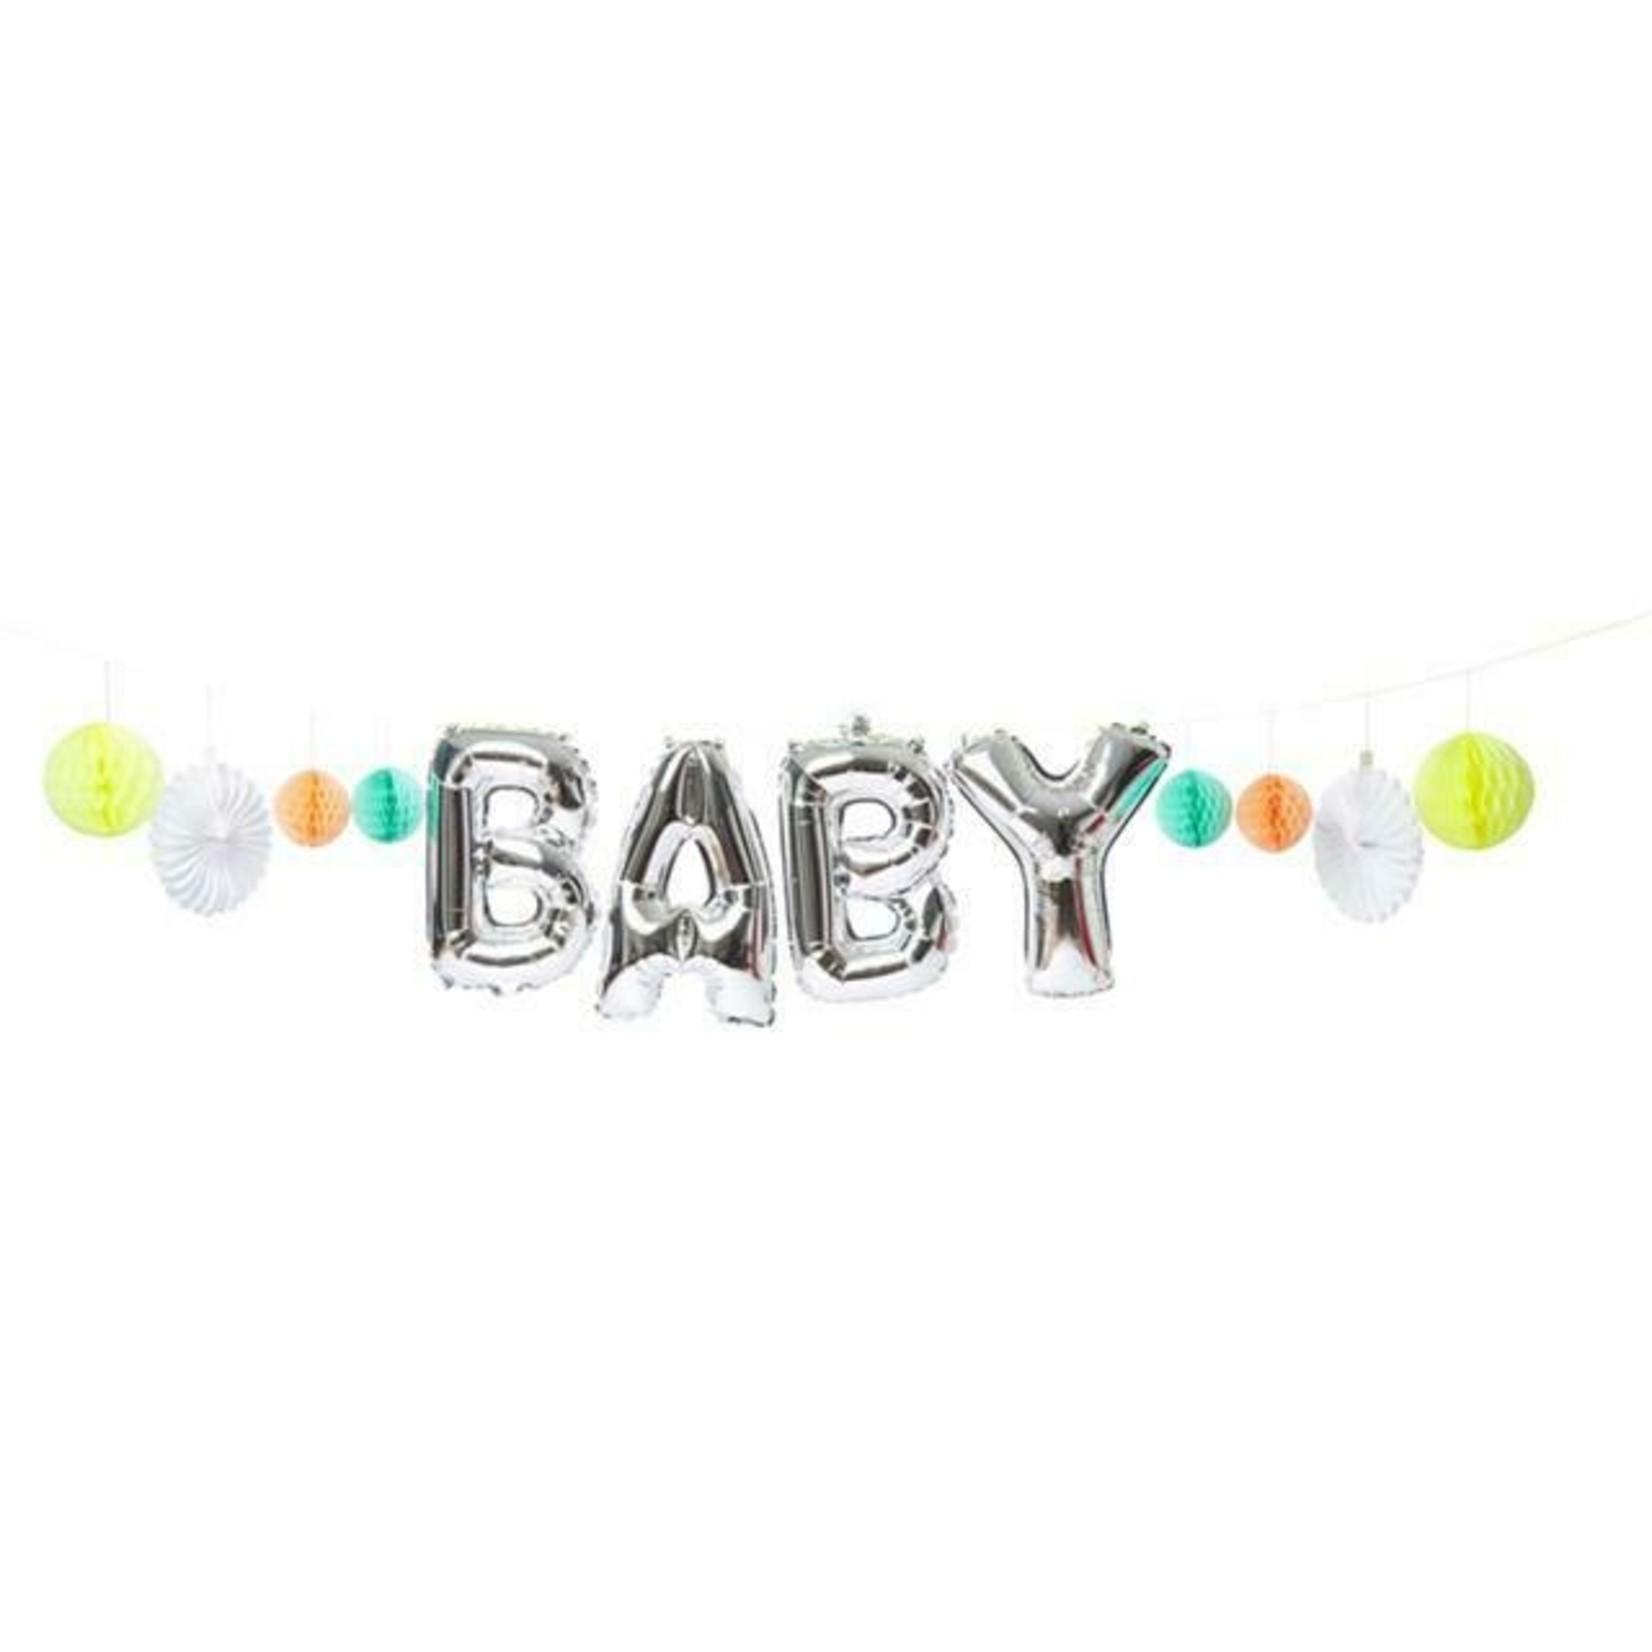 Meri Meri Baby Balloon Garland kit